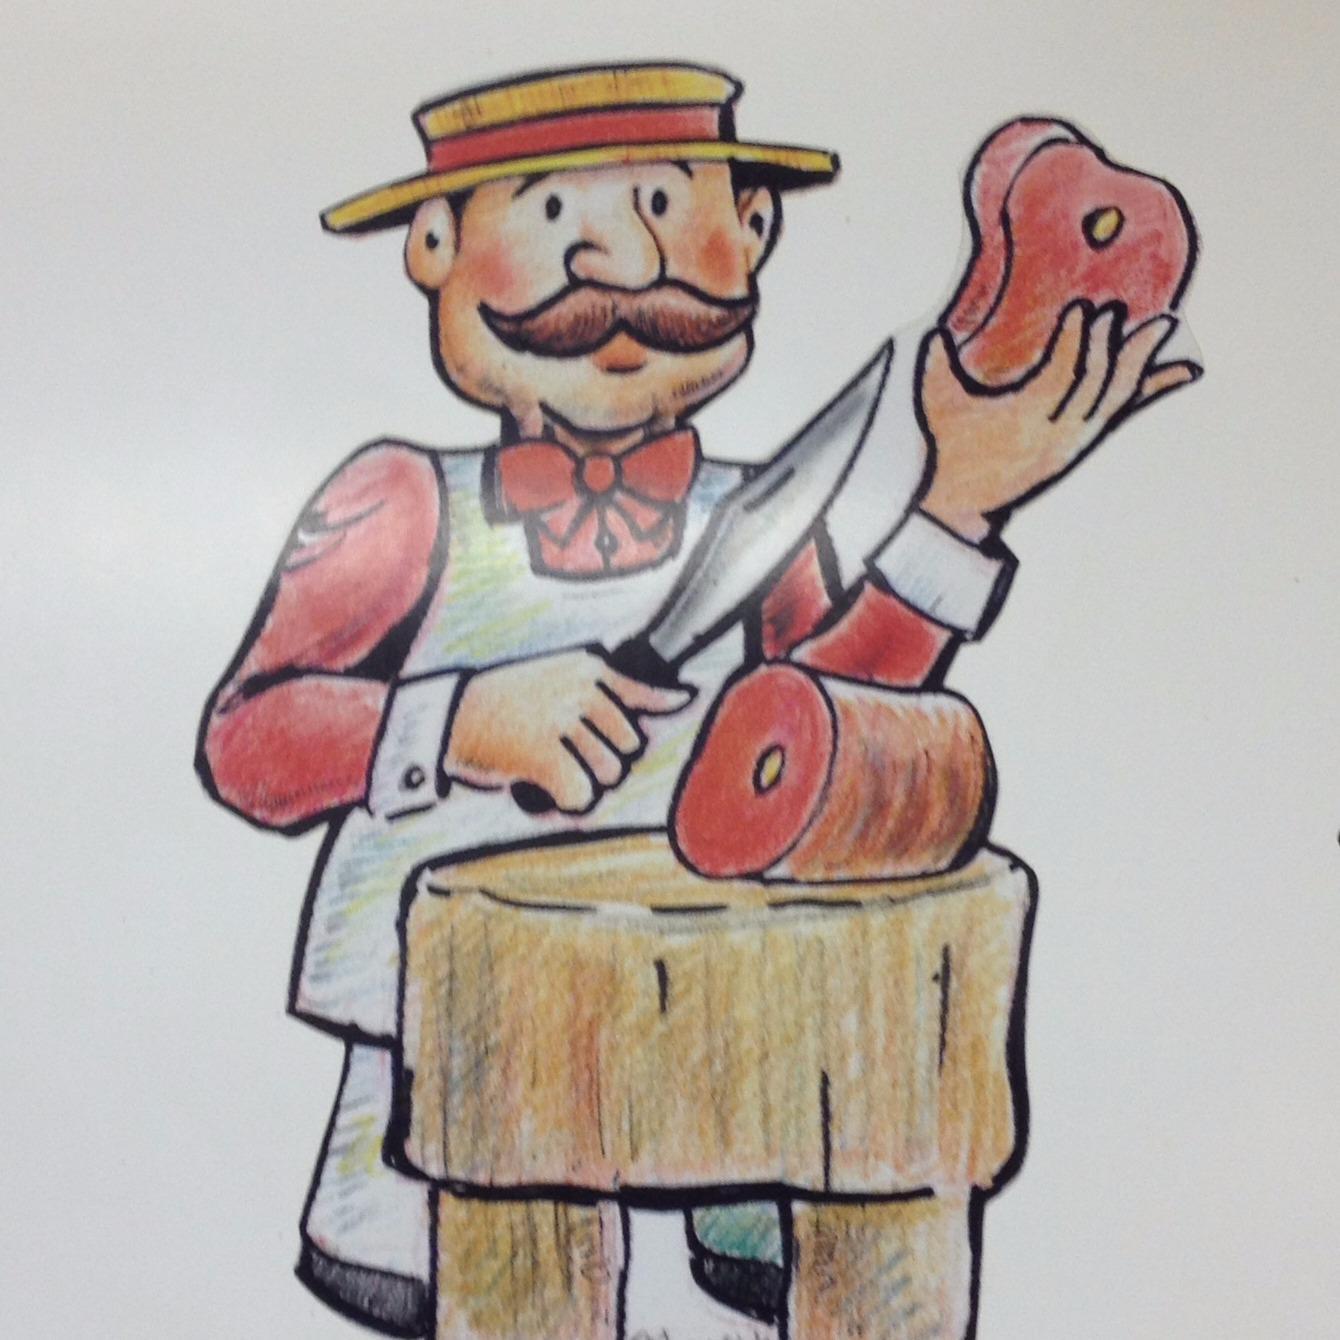 Stokkes Meat Market